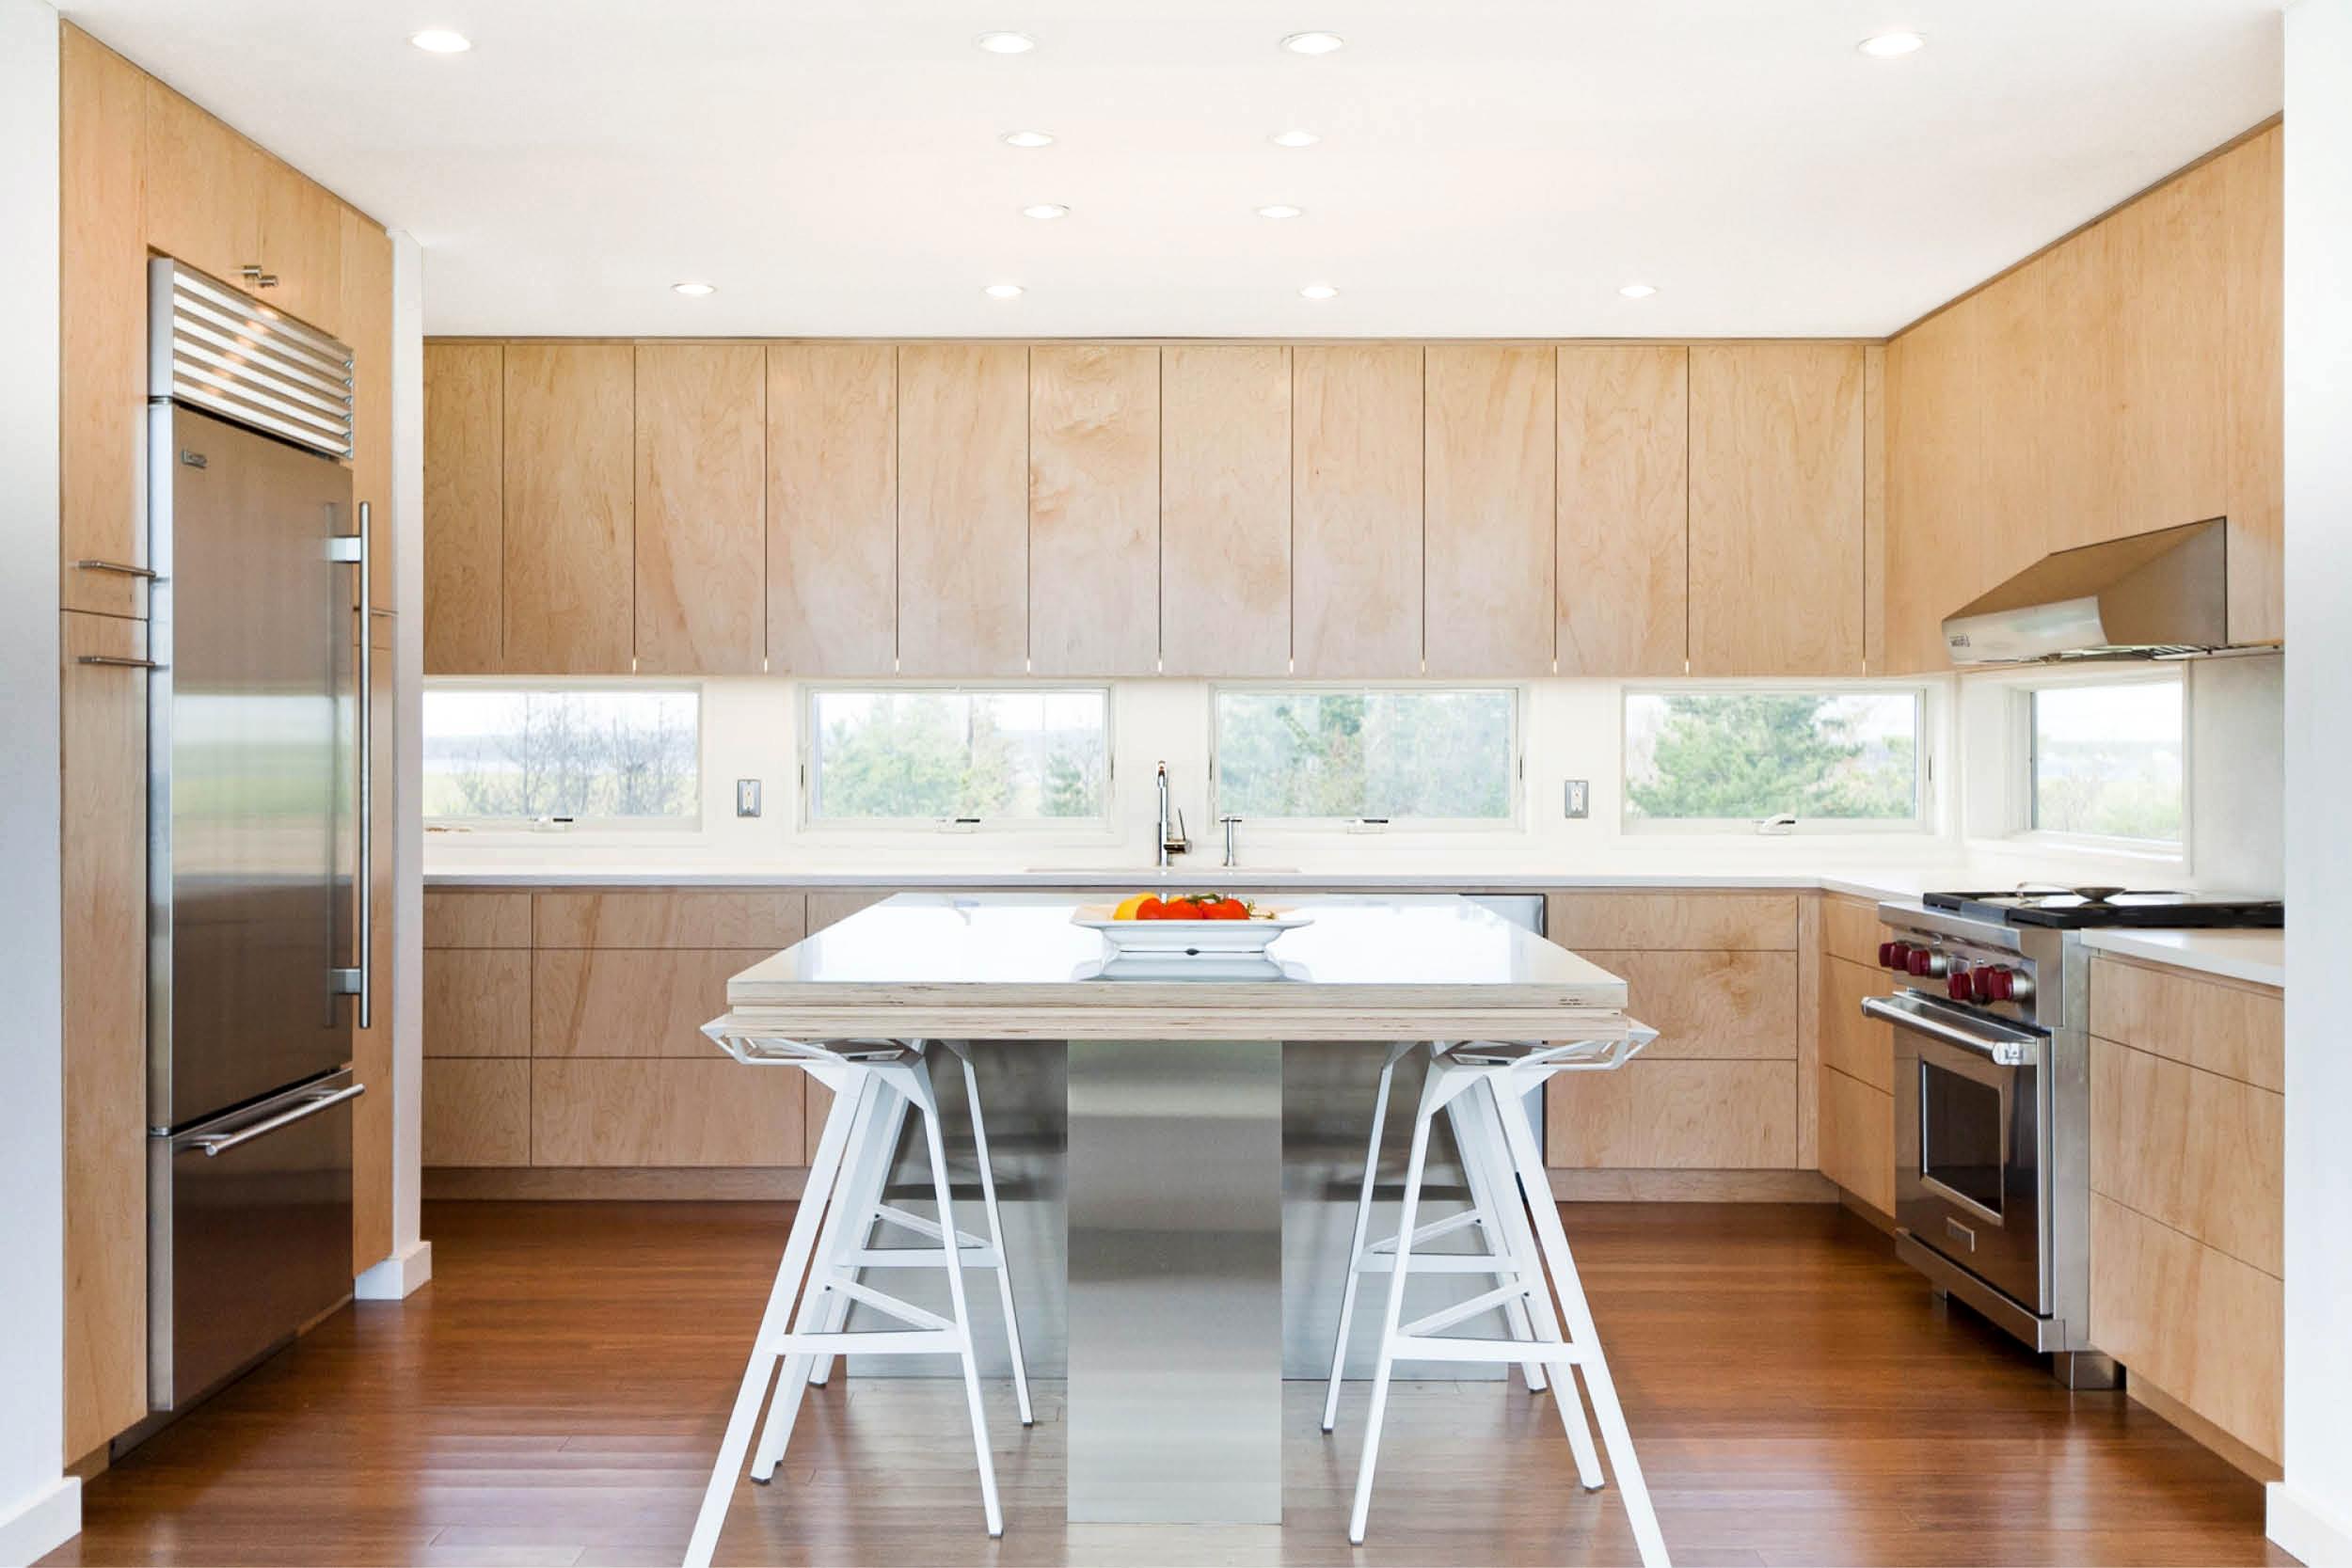 07-res4-resolution-4-architecture-modern-modular-home-prefab-dune-road-beach-house--interior-kitchen.jpg